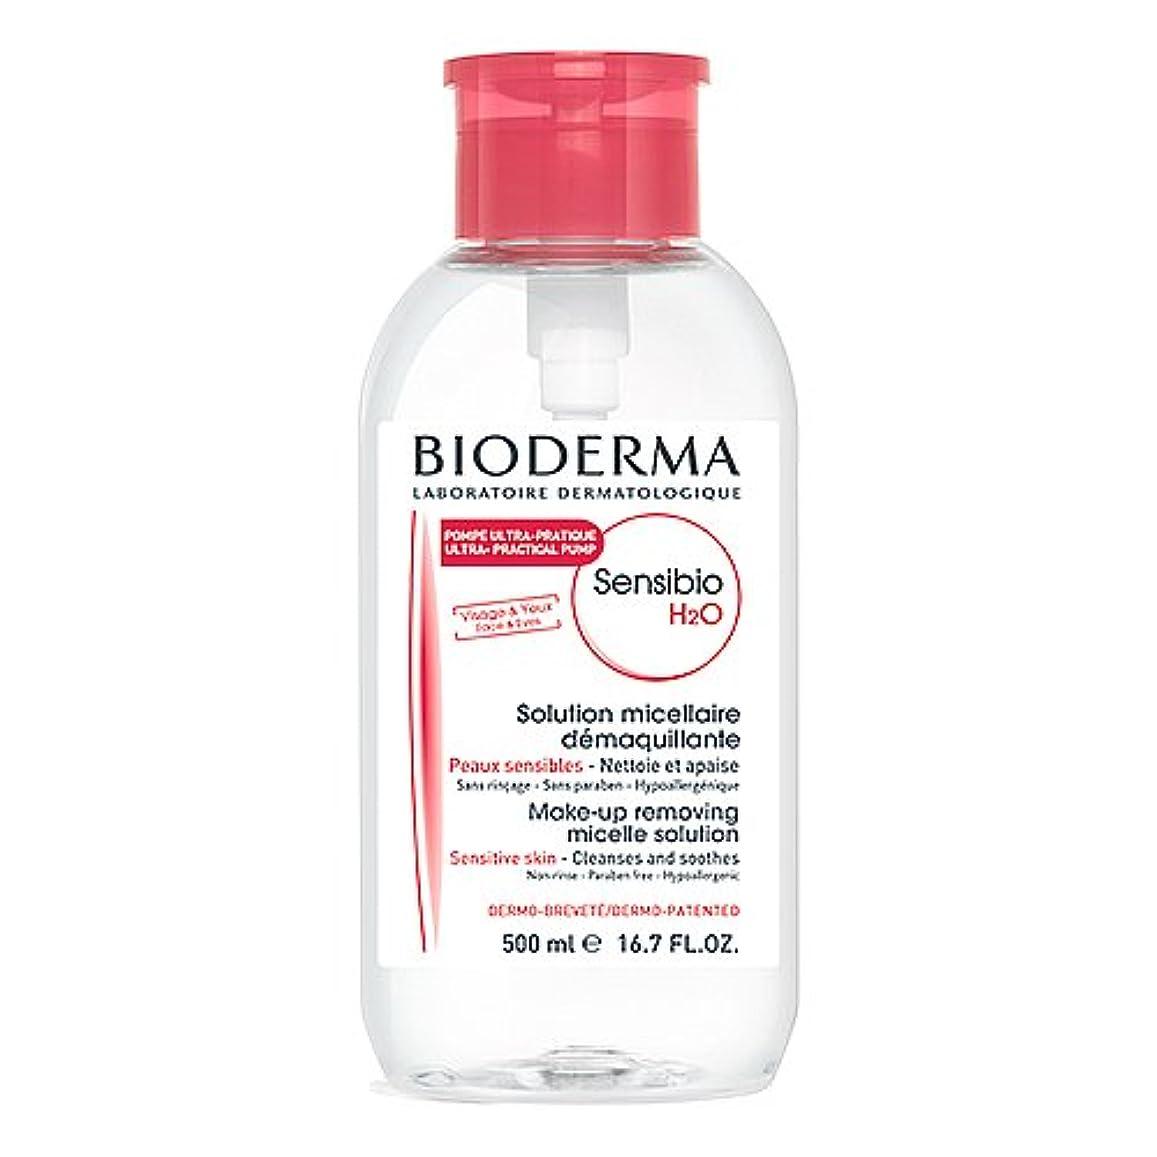 占めるきしむ乙女ビオデルマ BIODERMA サンシビオ H2O エイチツーオー D 500ml ポンプタイプ